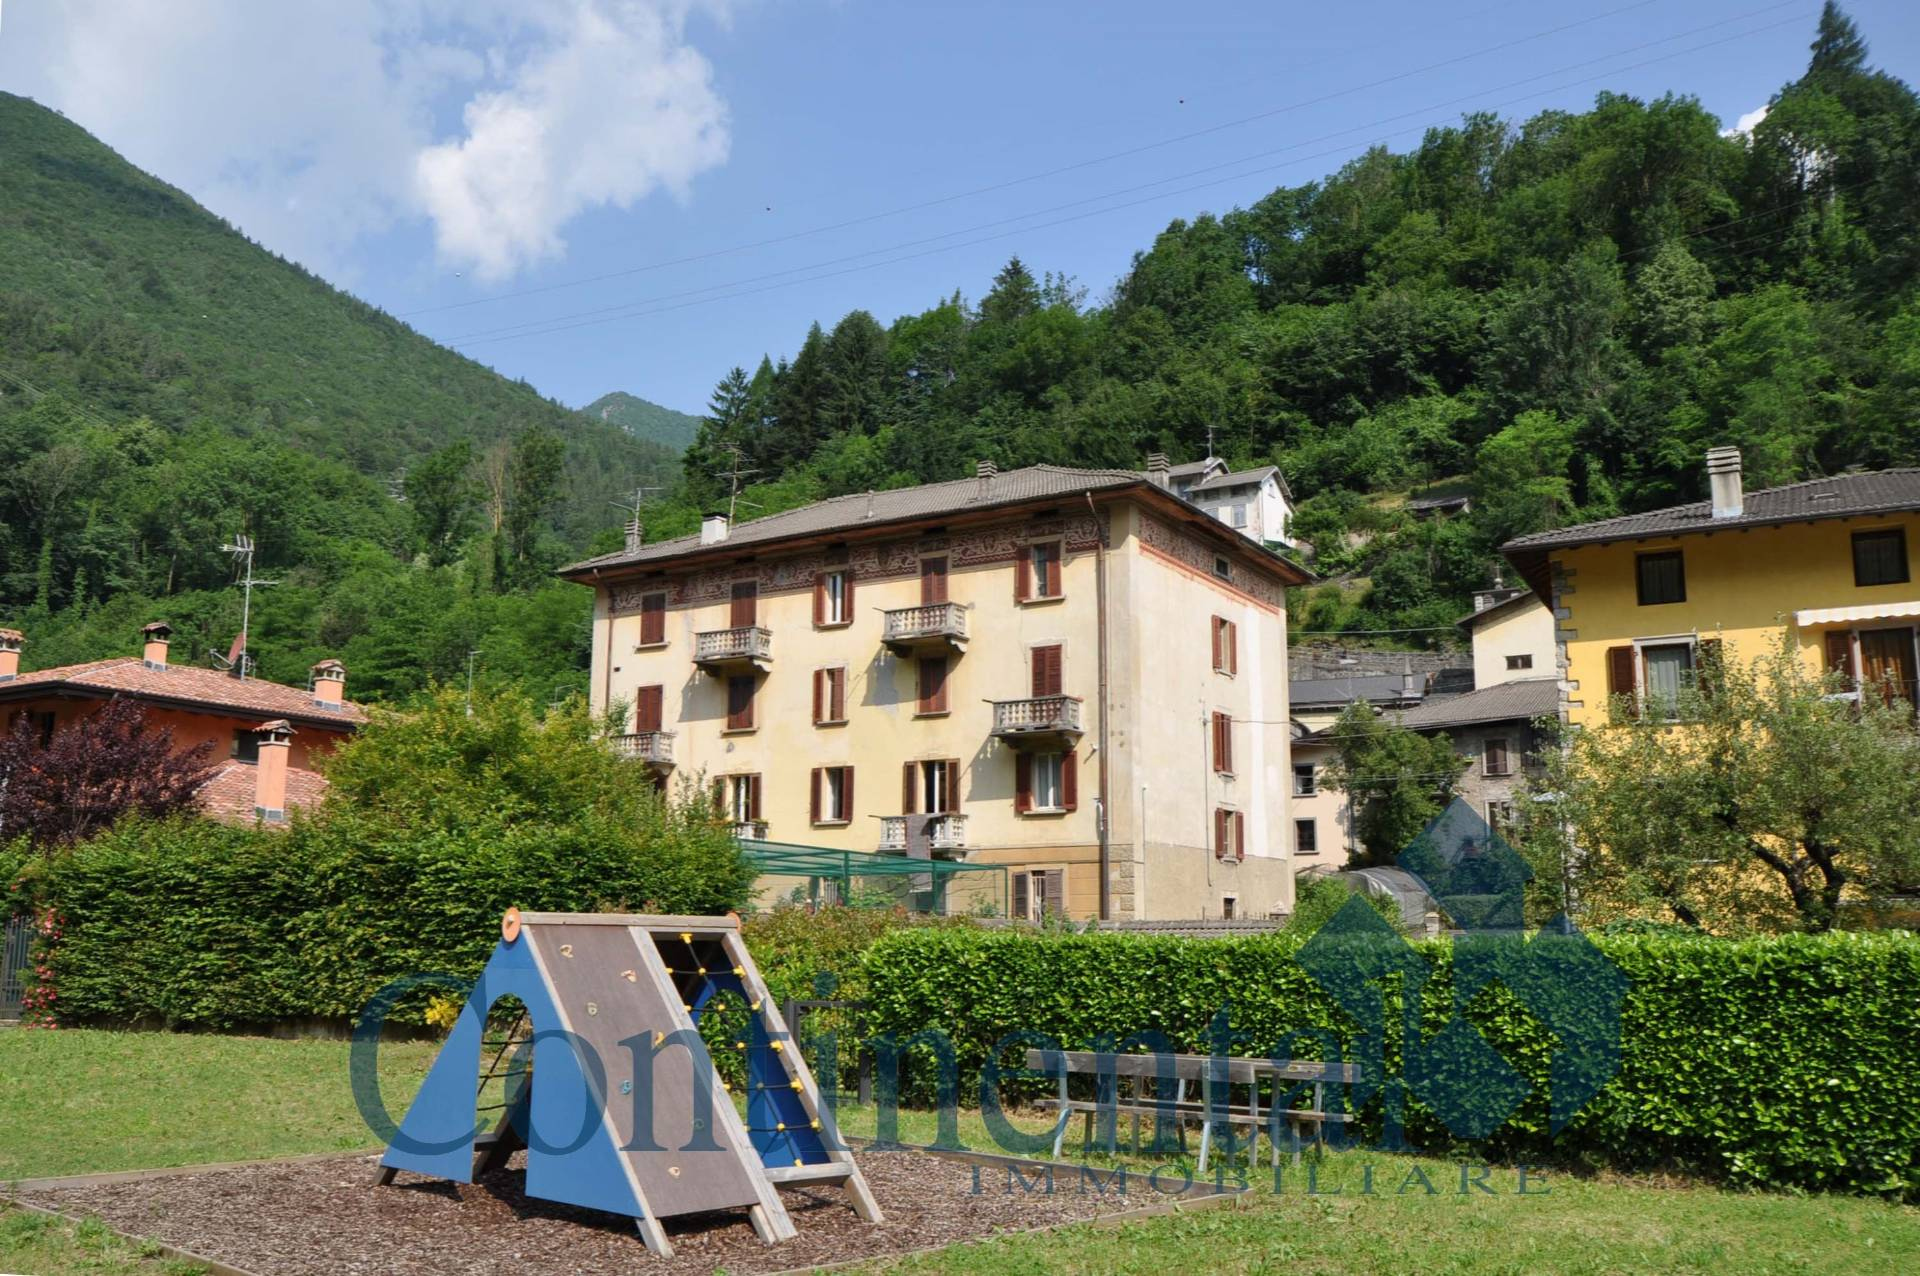 Appartamento in vendita a Lenna, 9 locali, prezzo € 39.900 | PortaleAgenzieImmobiliari.it